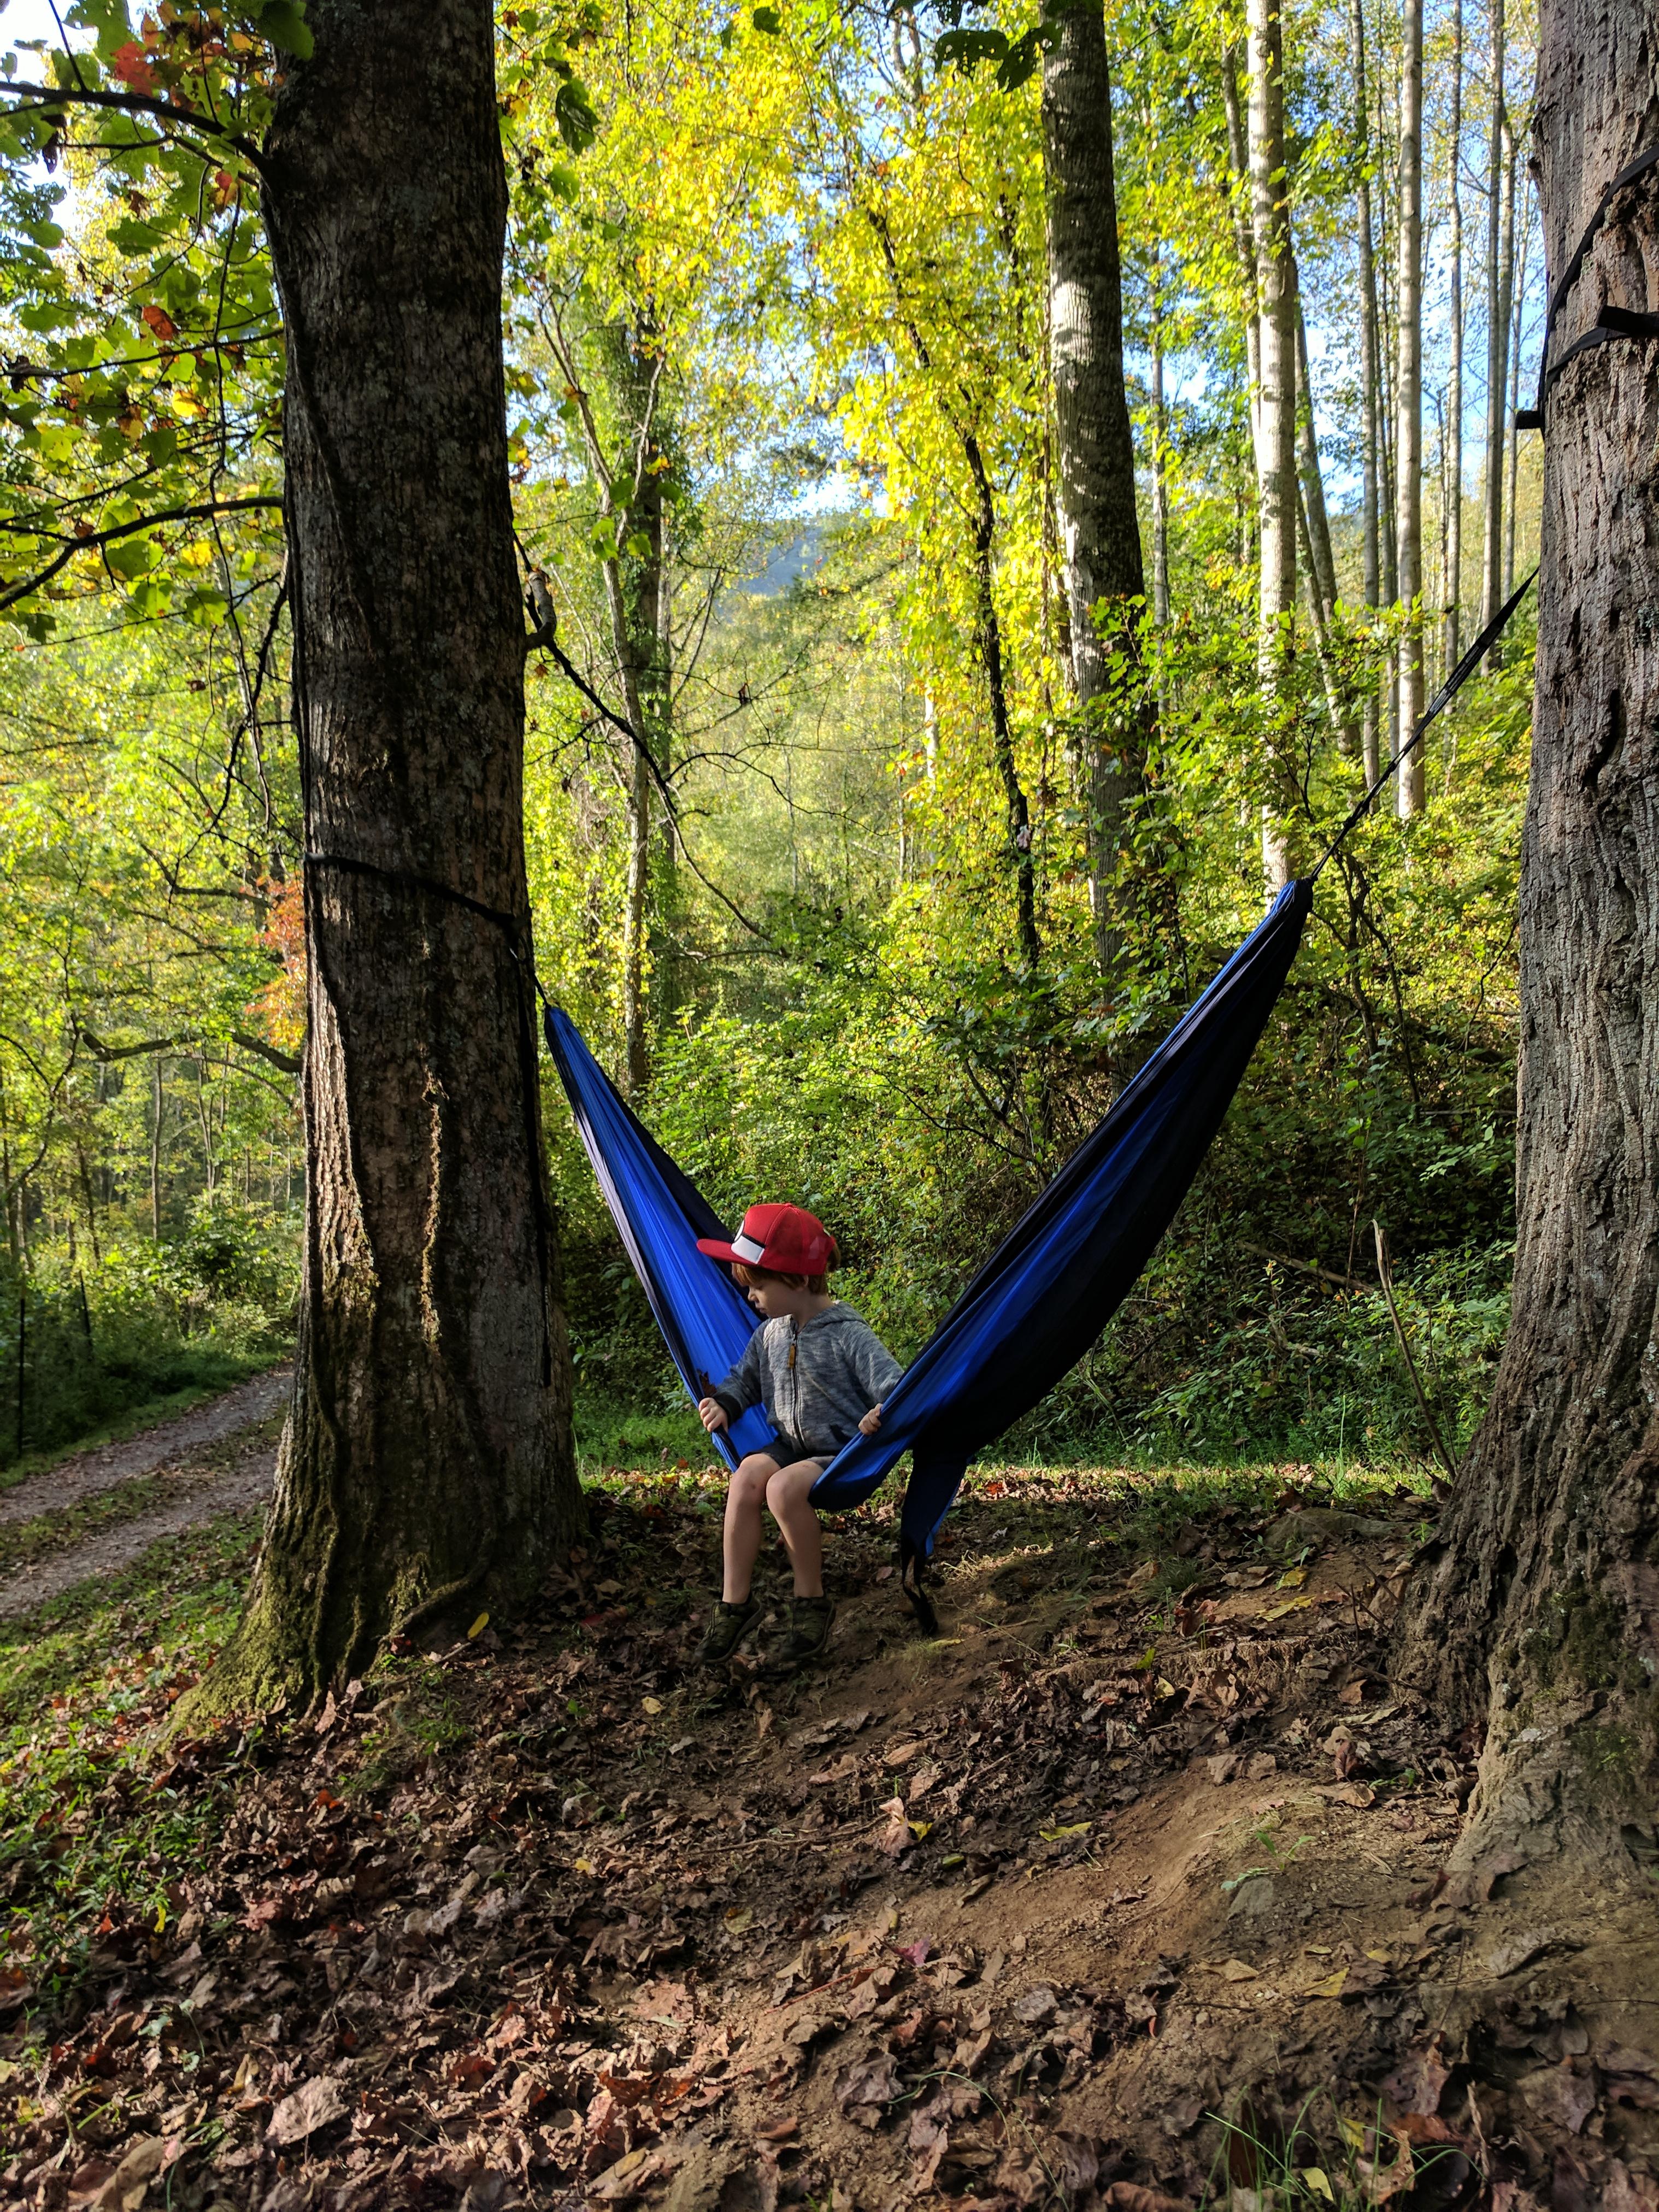 Ashevillefarmstead-kids-forest-hammock